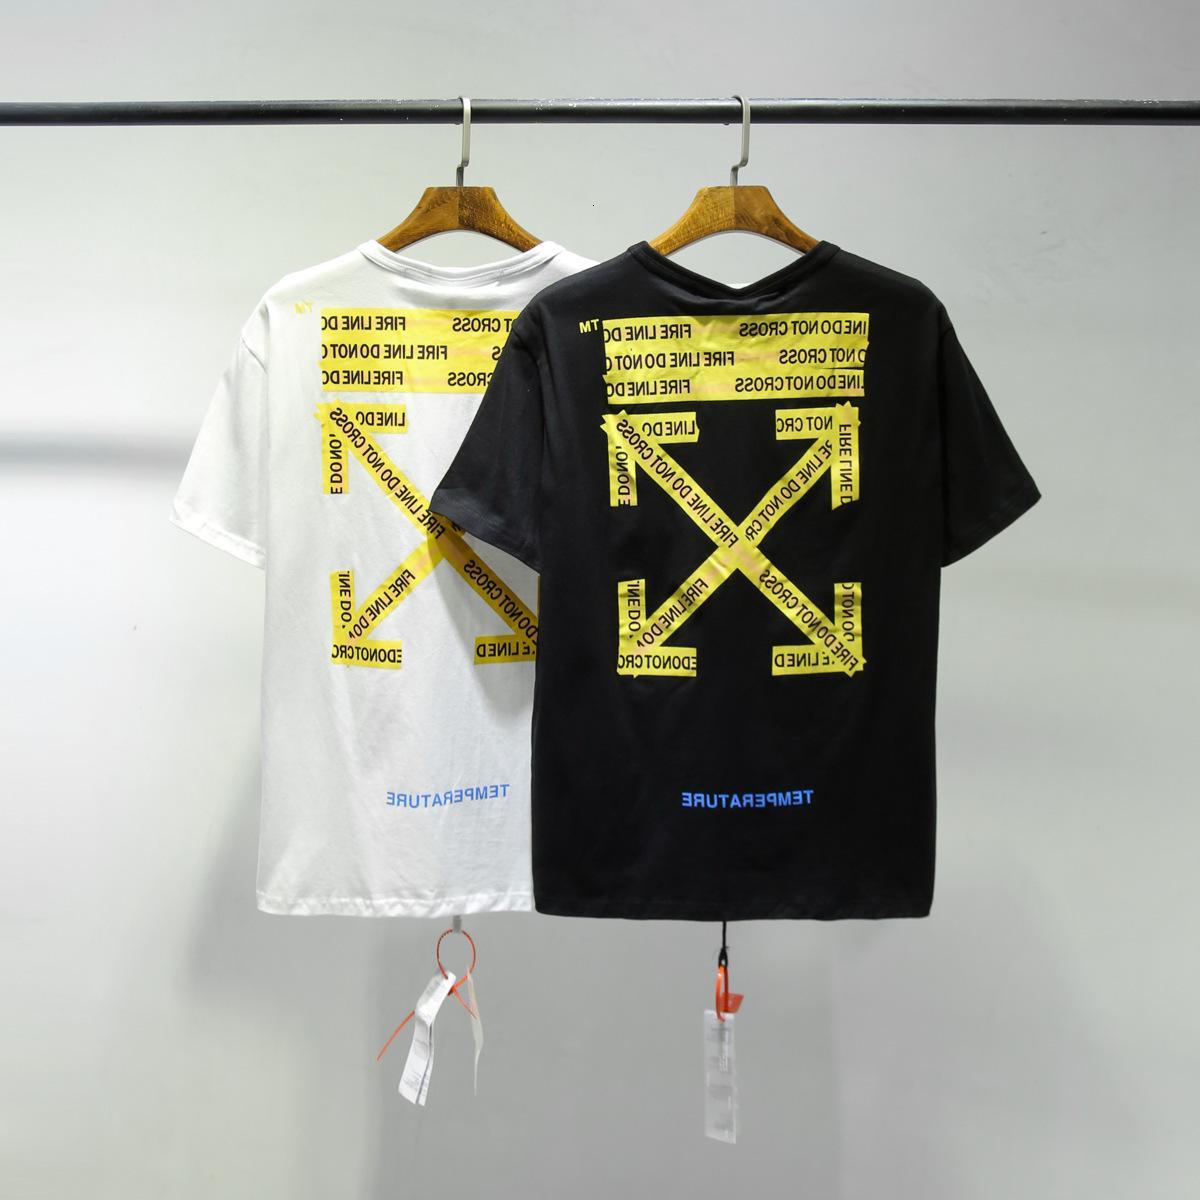 Off Style Bianco Fashion Brand Alfabeto T-shirt a manica corta T-shirt Europea Versione Europea Sciolto Allentato Maglia da uomo Abbinamento da uomo e donna Mezza